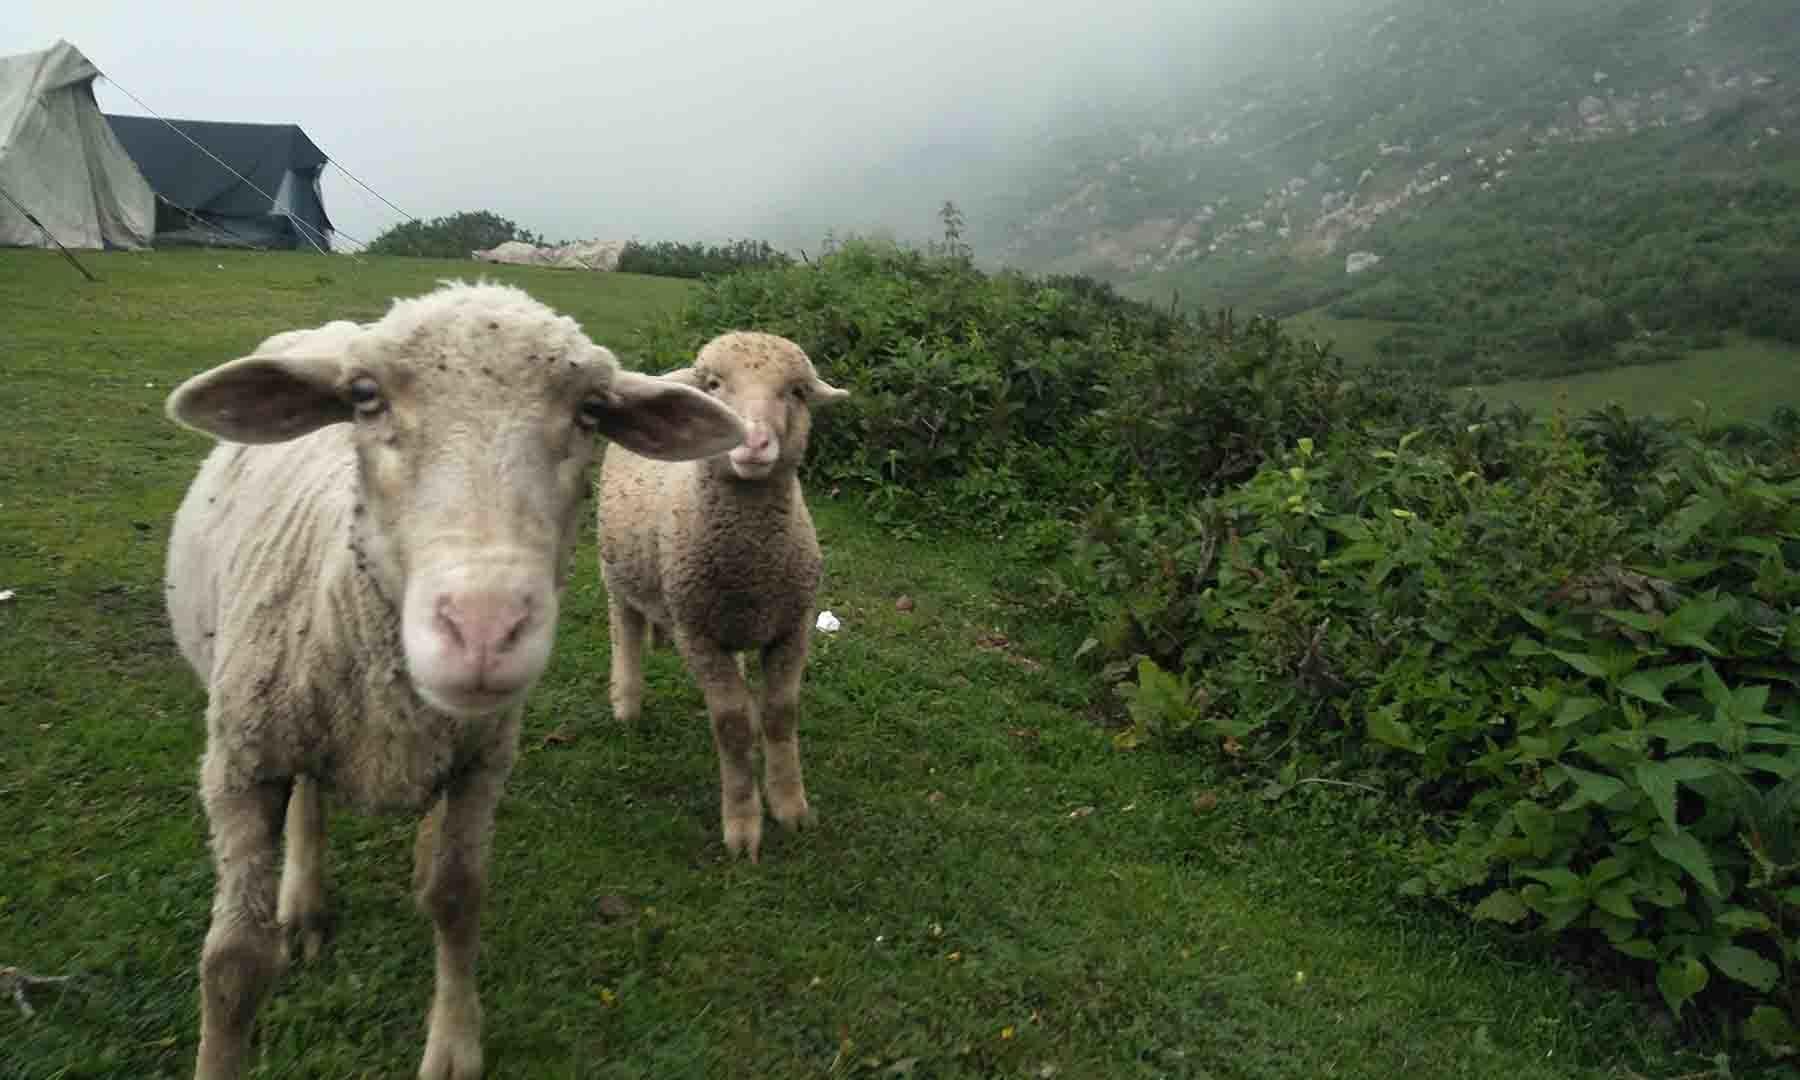 مویشی جانوروں کی موجودگی نظاروں میں مزید رنگ بھر دیتی ہے— عظمت اکبر